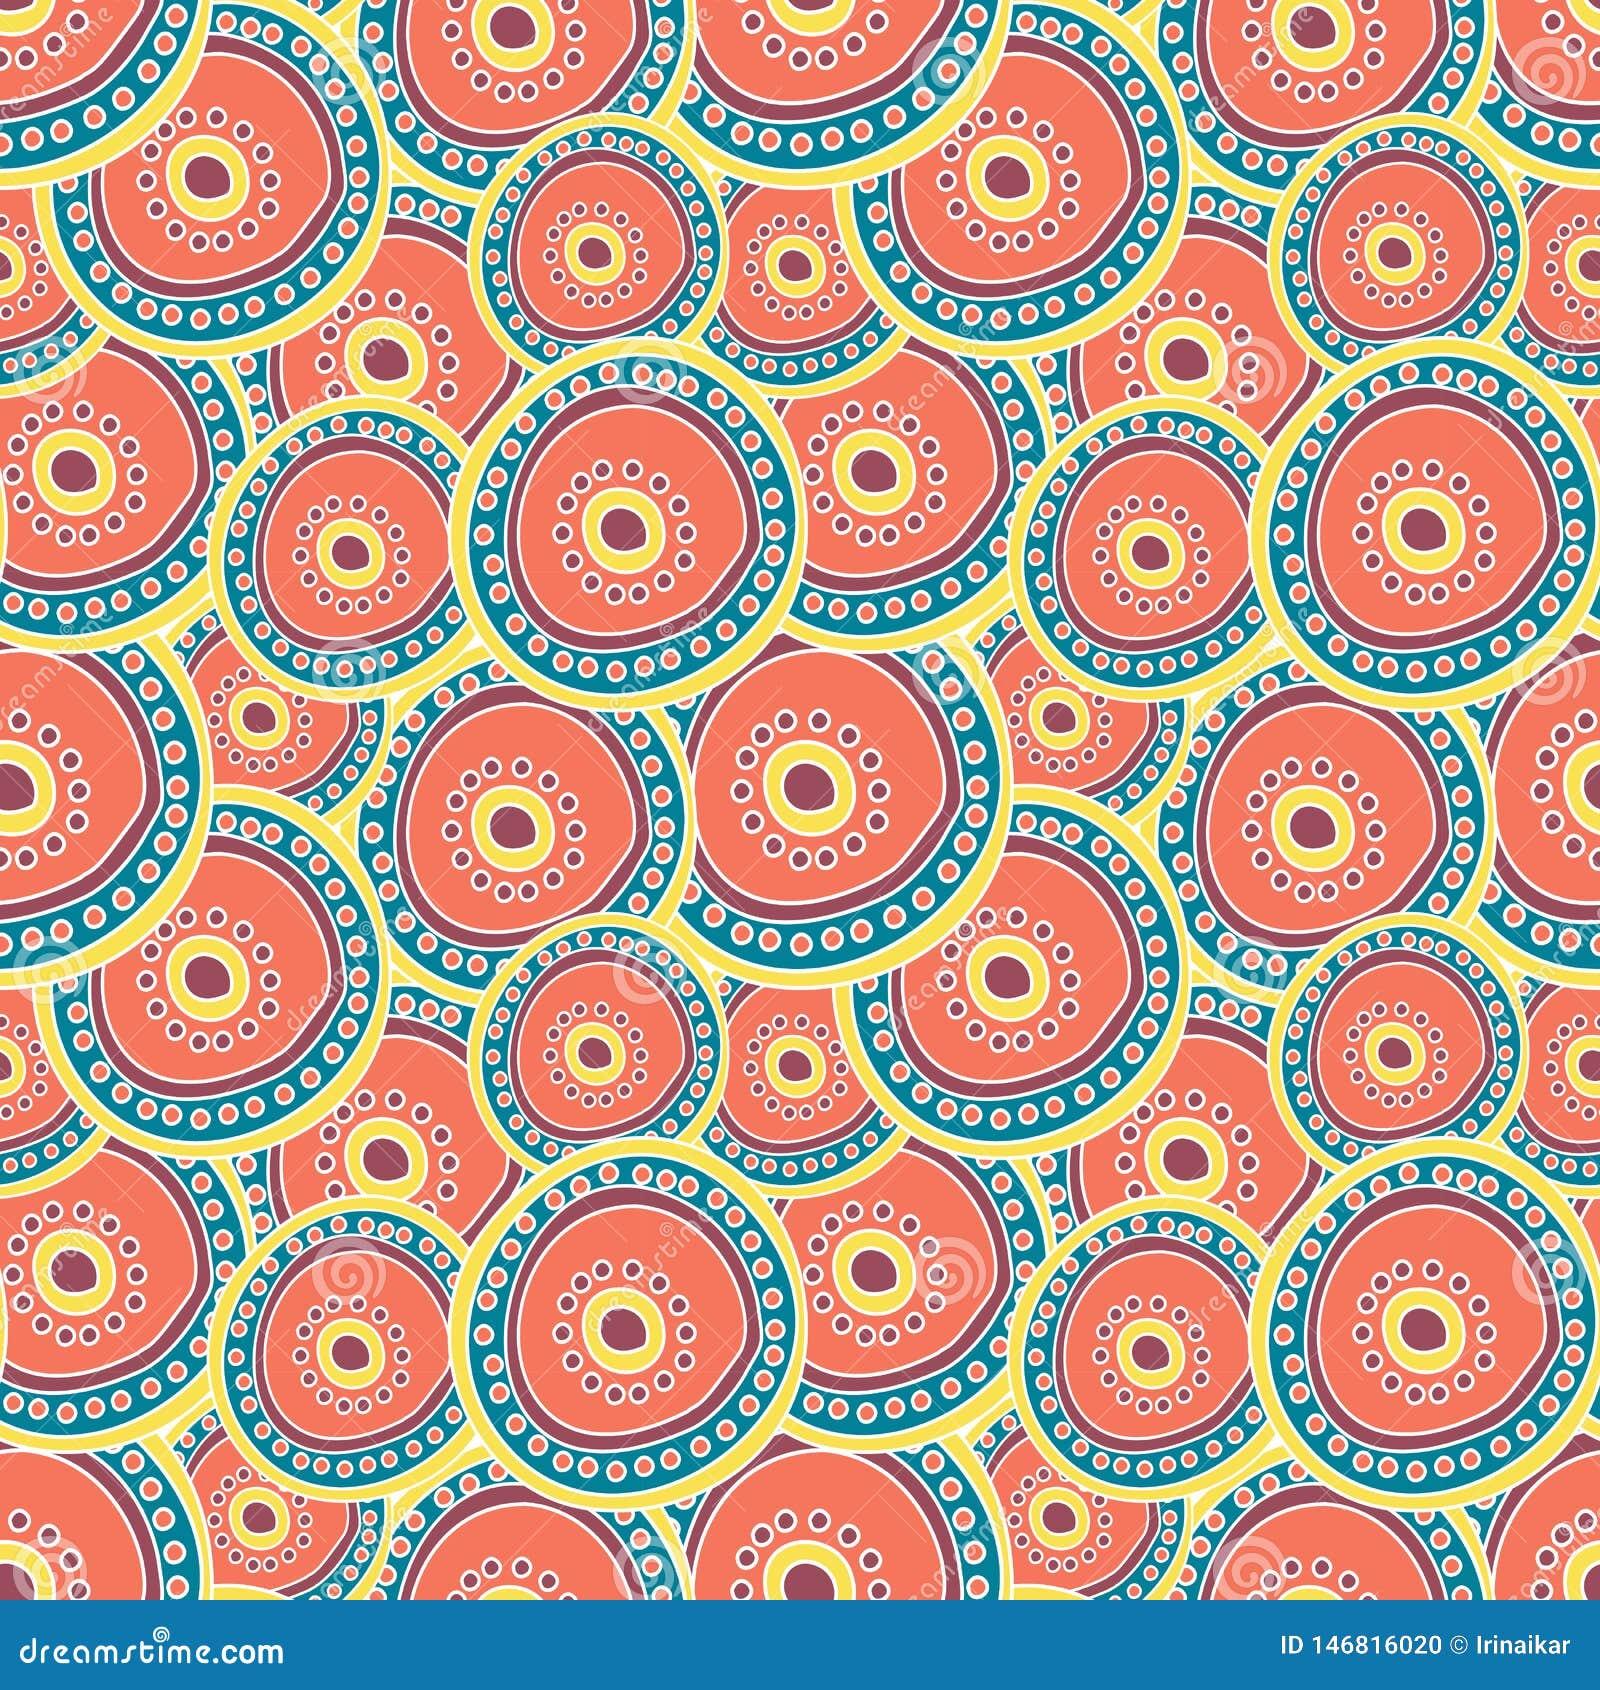 分层堆积在彼此的多彩多姿的圈子